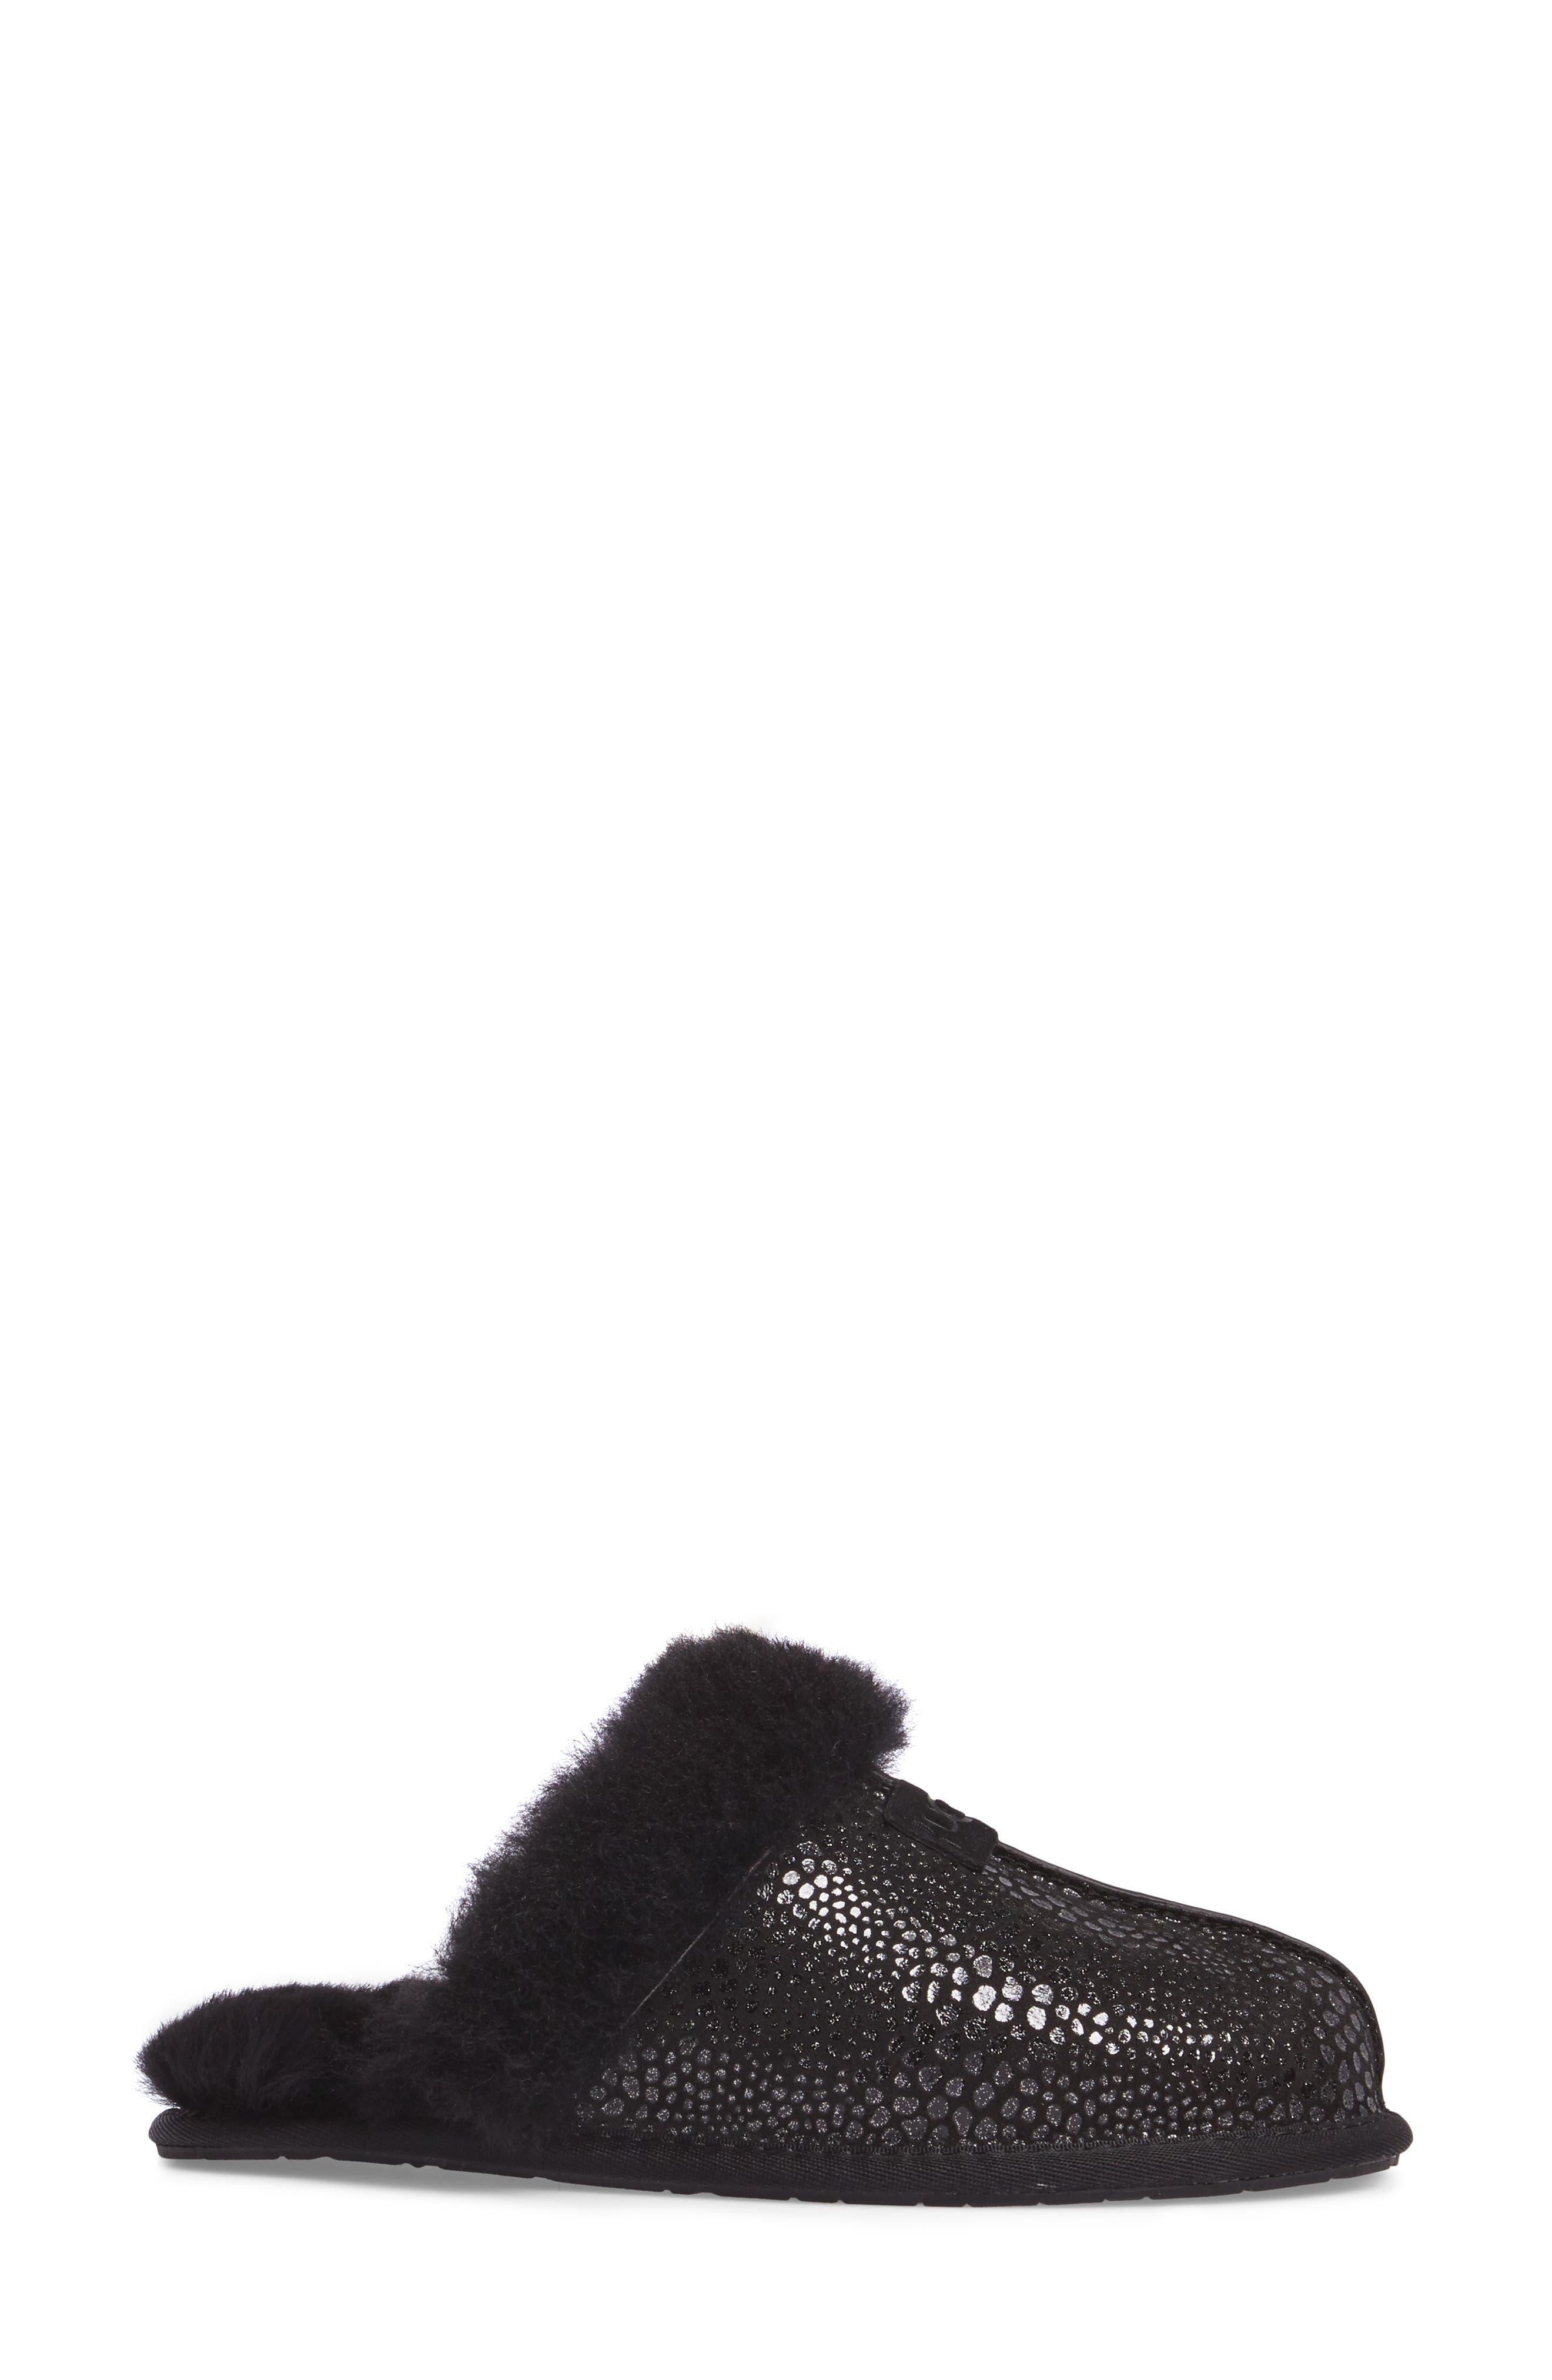 Scuffette II Glitzy Slipper,                             Alternate thumbnail 3, color,                             Black Suede